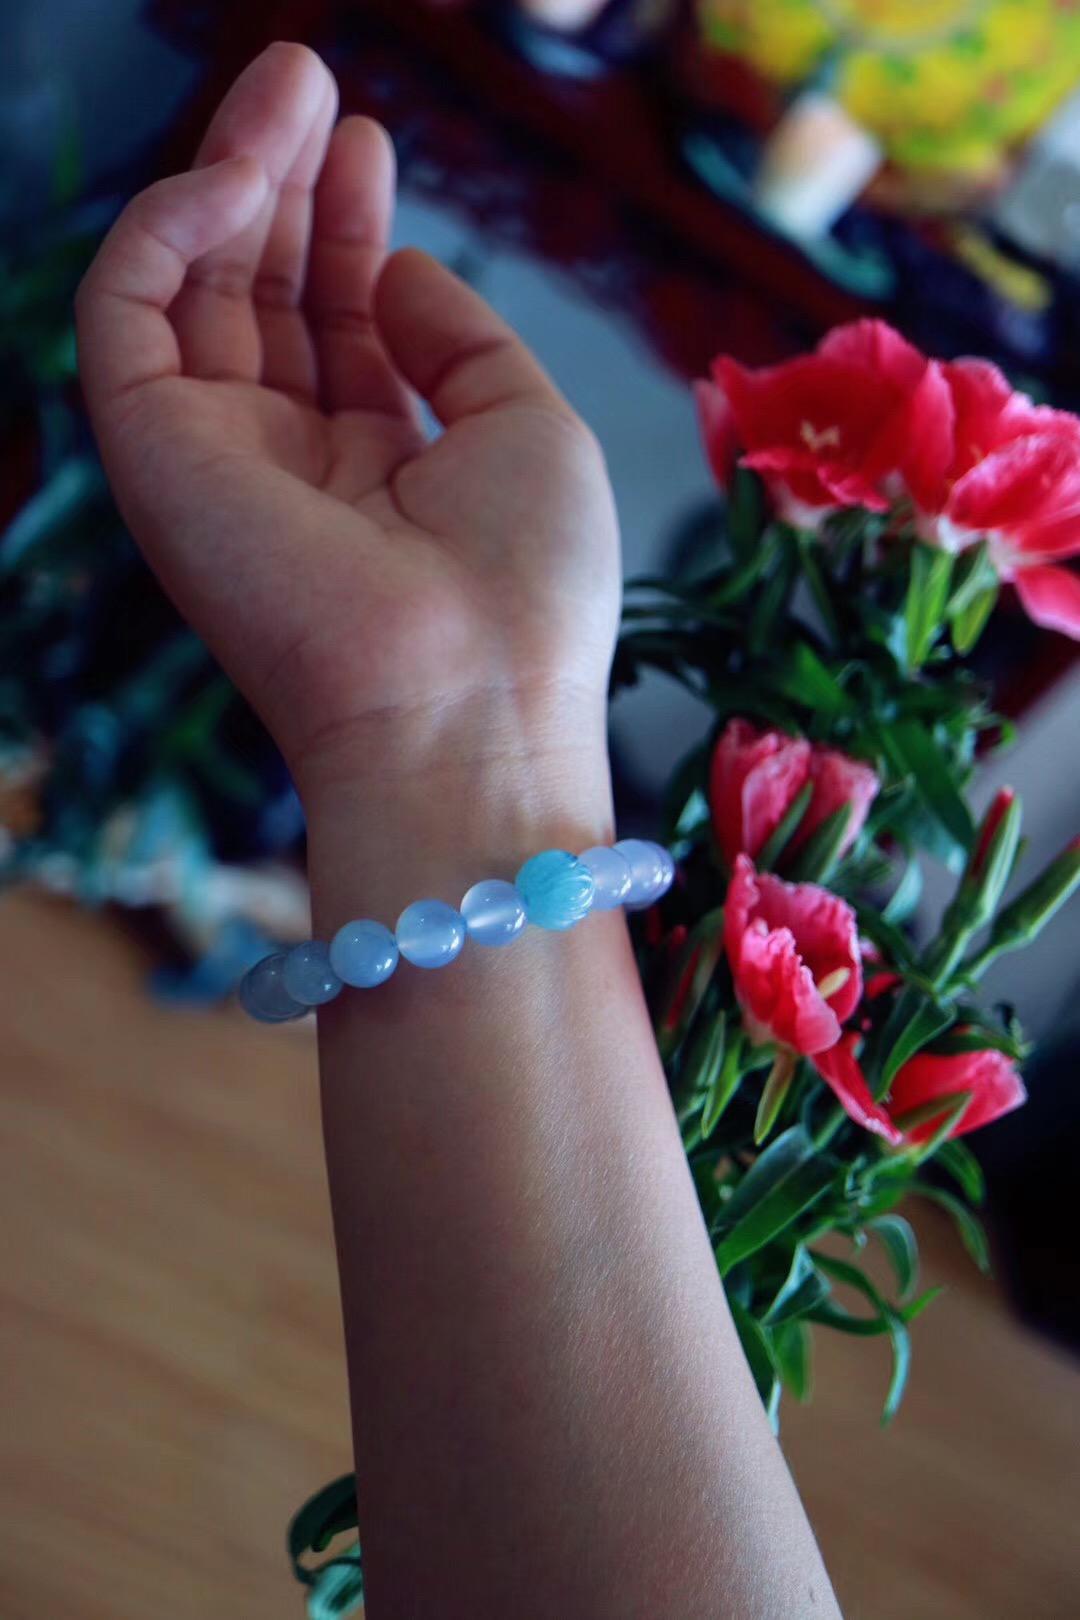 【菩心 | 蓝玉髓】蓝玉髓实力补水,配上一颗海蓝宝莲花珠效果更佳-菩心晶舍